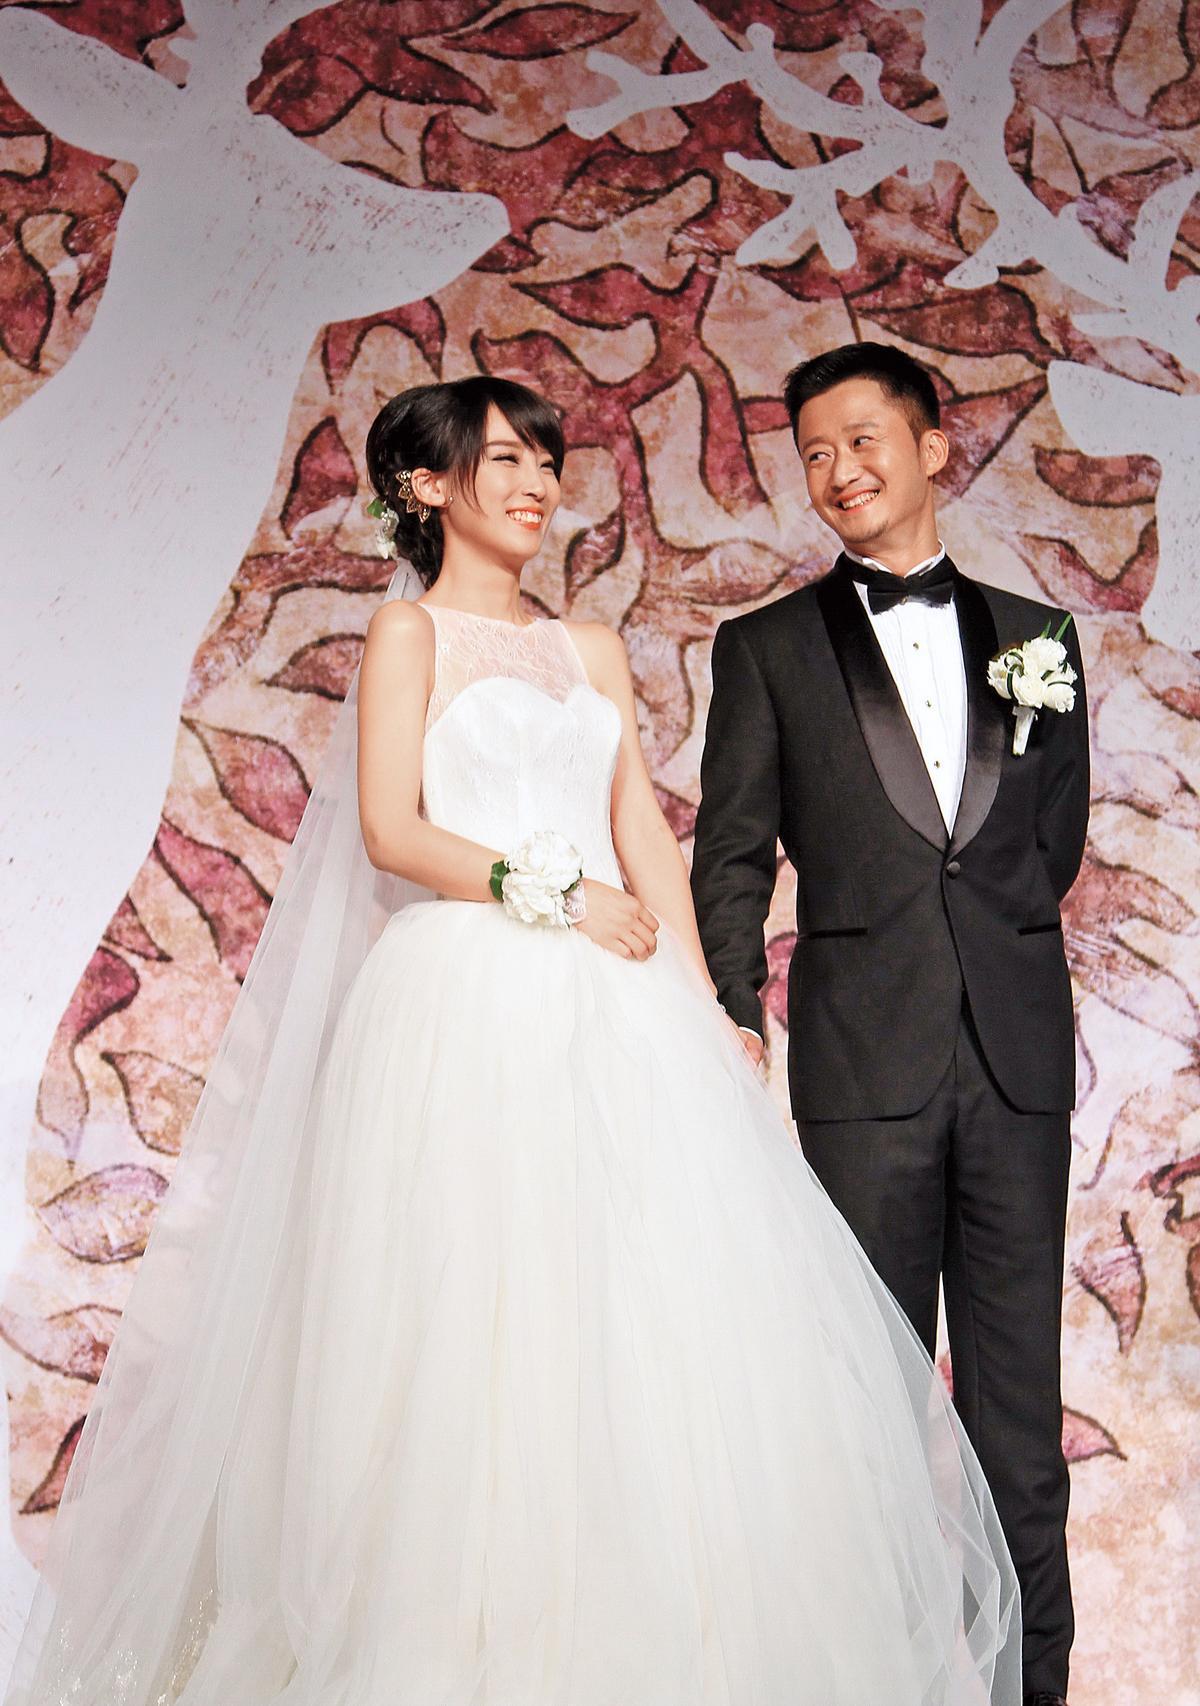 2014年吳京(右)終於跟當紅主持人謝楠(左)結婚,當時女方的事業發展比他好,如今兩人已有了可愛的兒子。(東方IC)